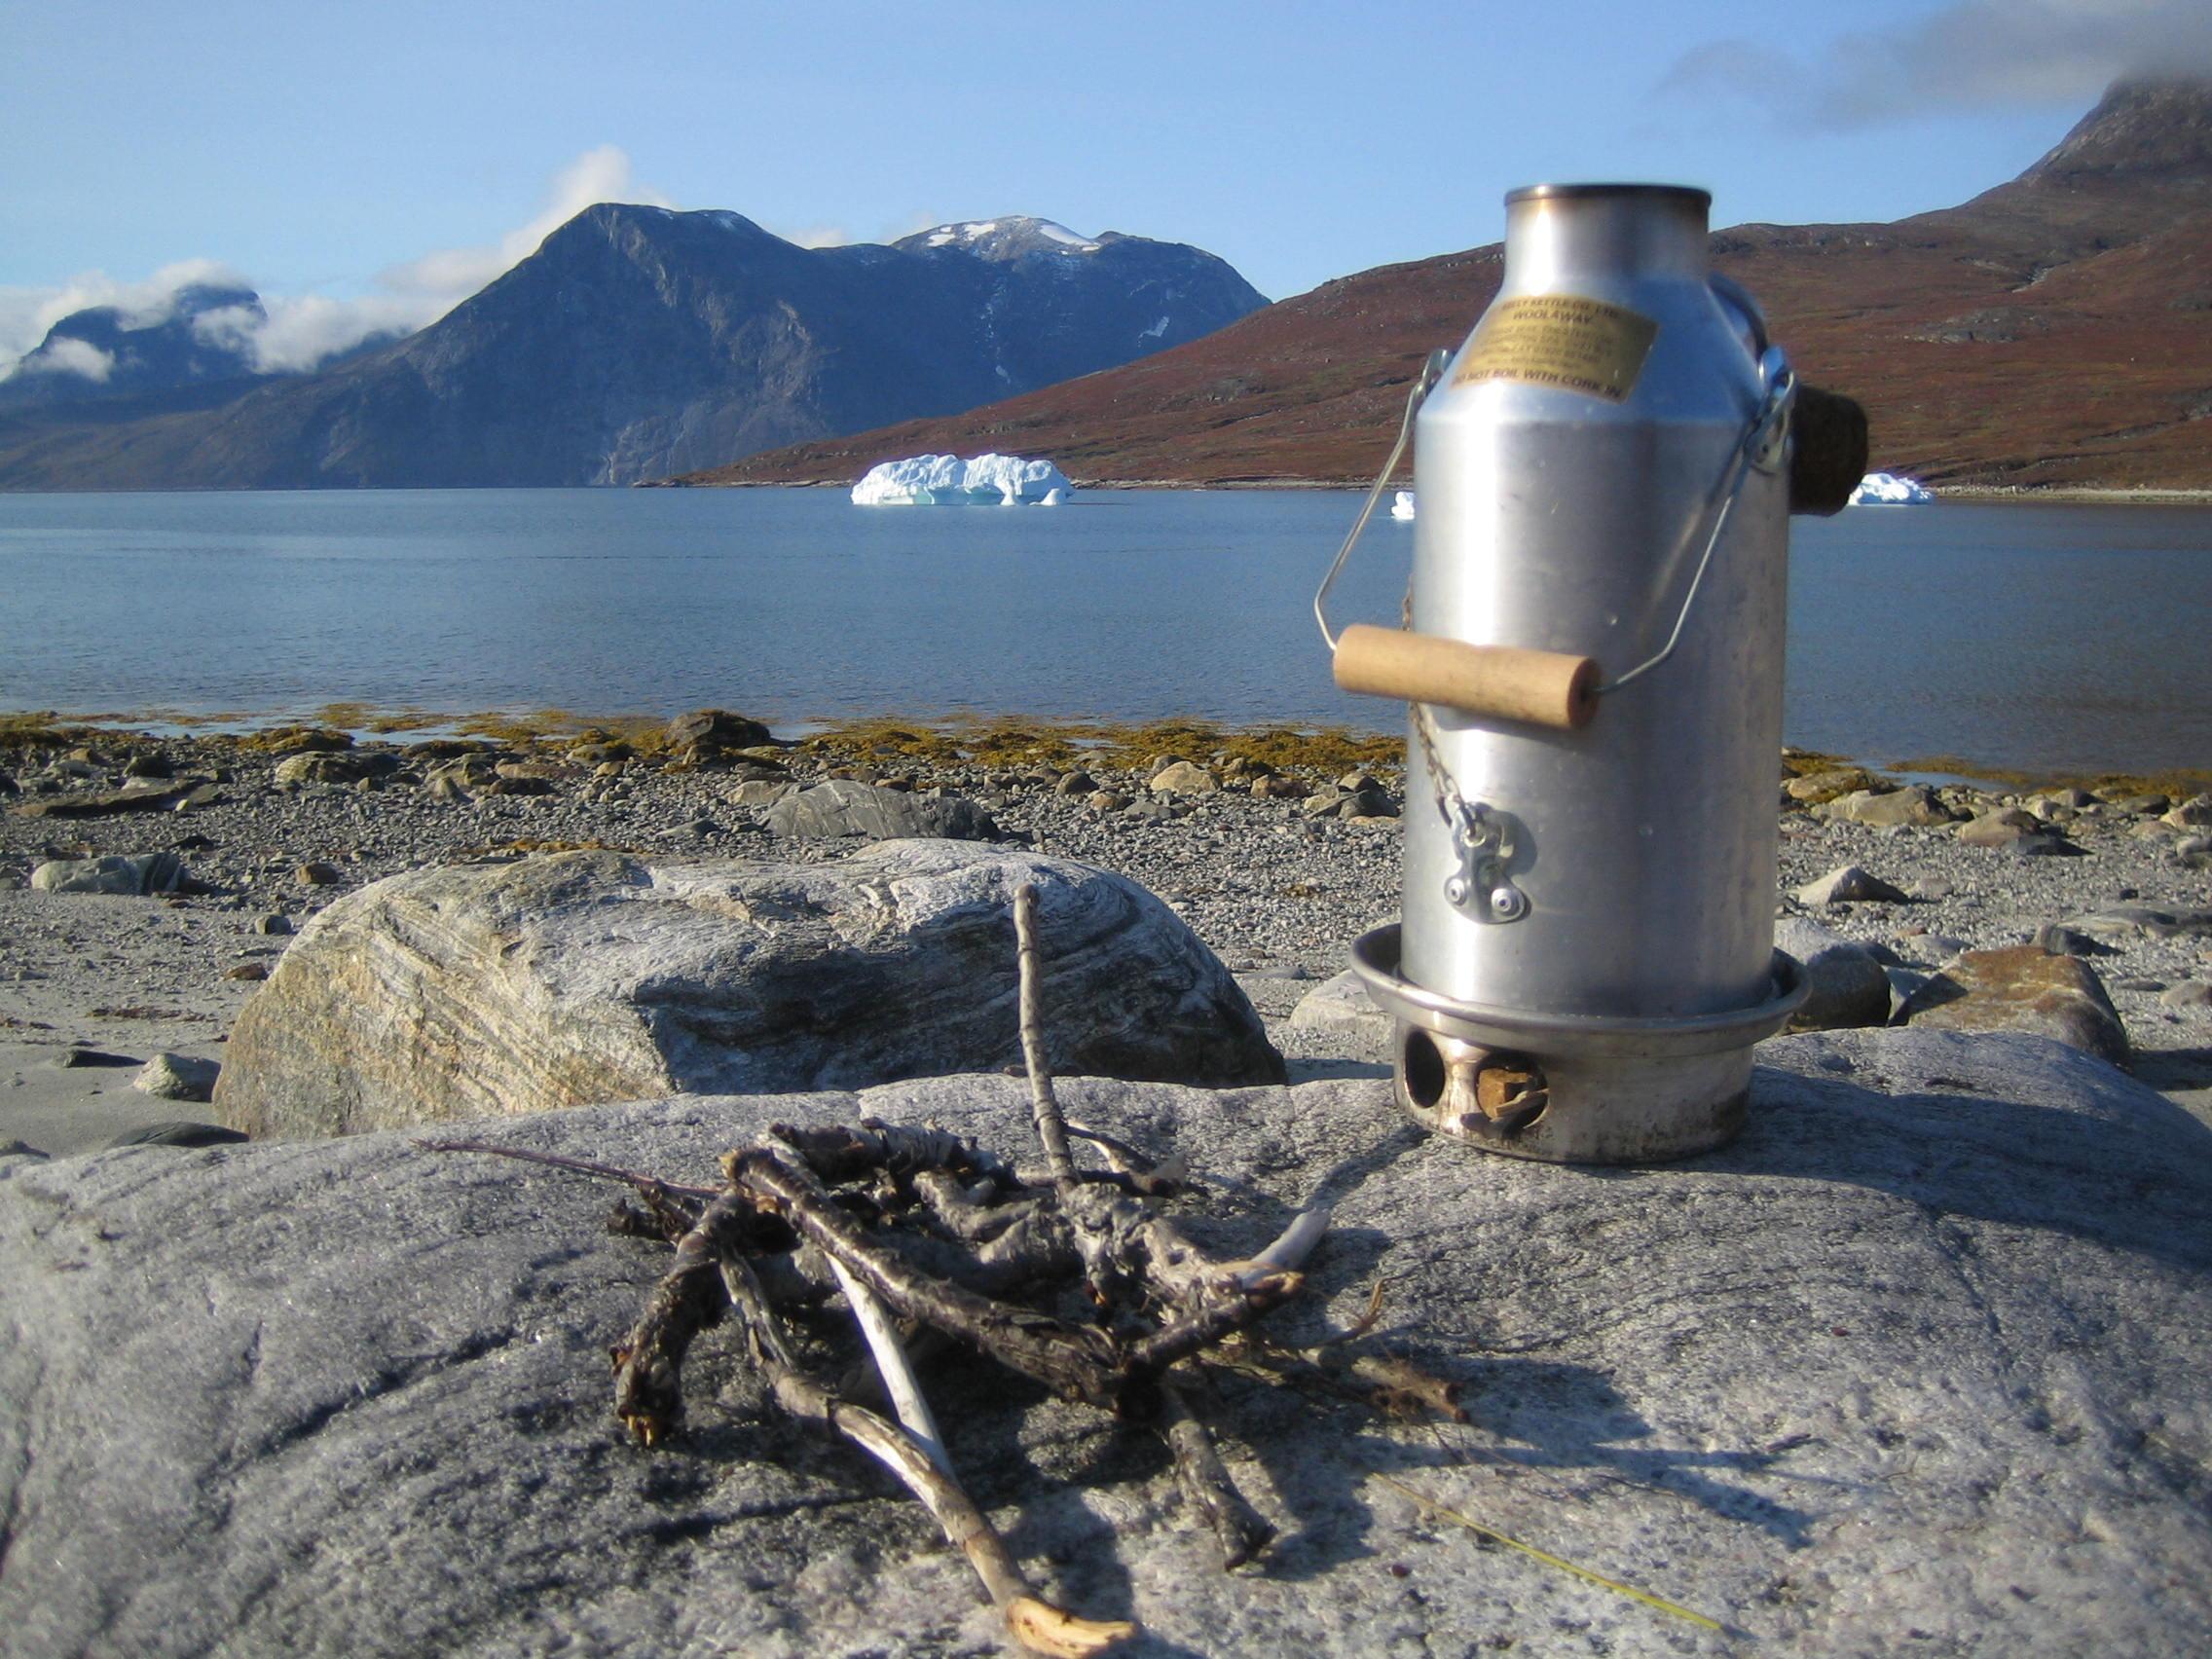 Kelly Kettle in Greenland (1 Pint)